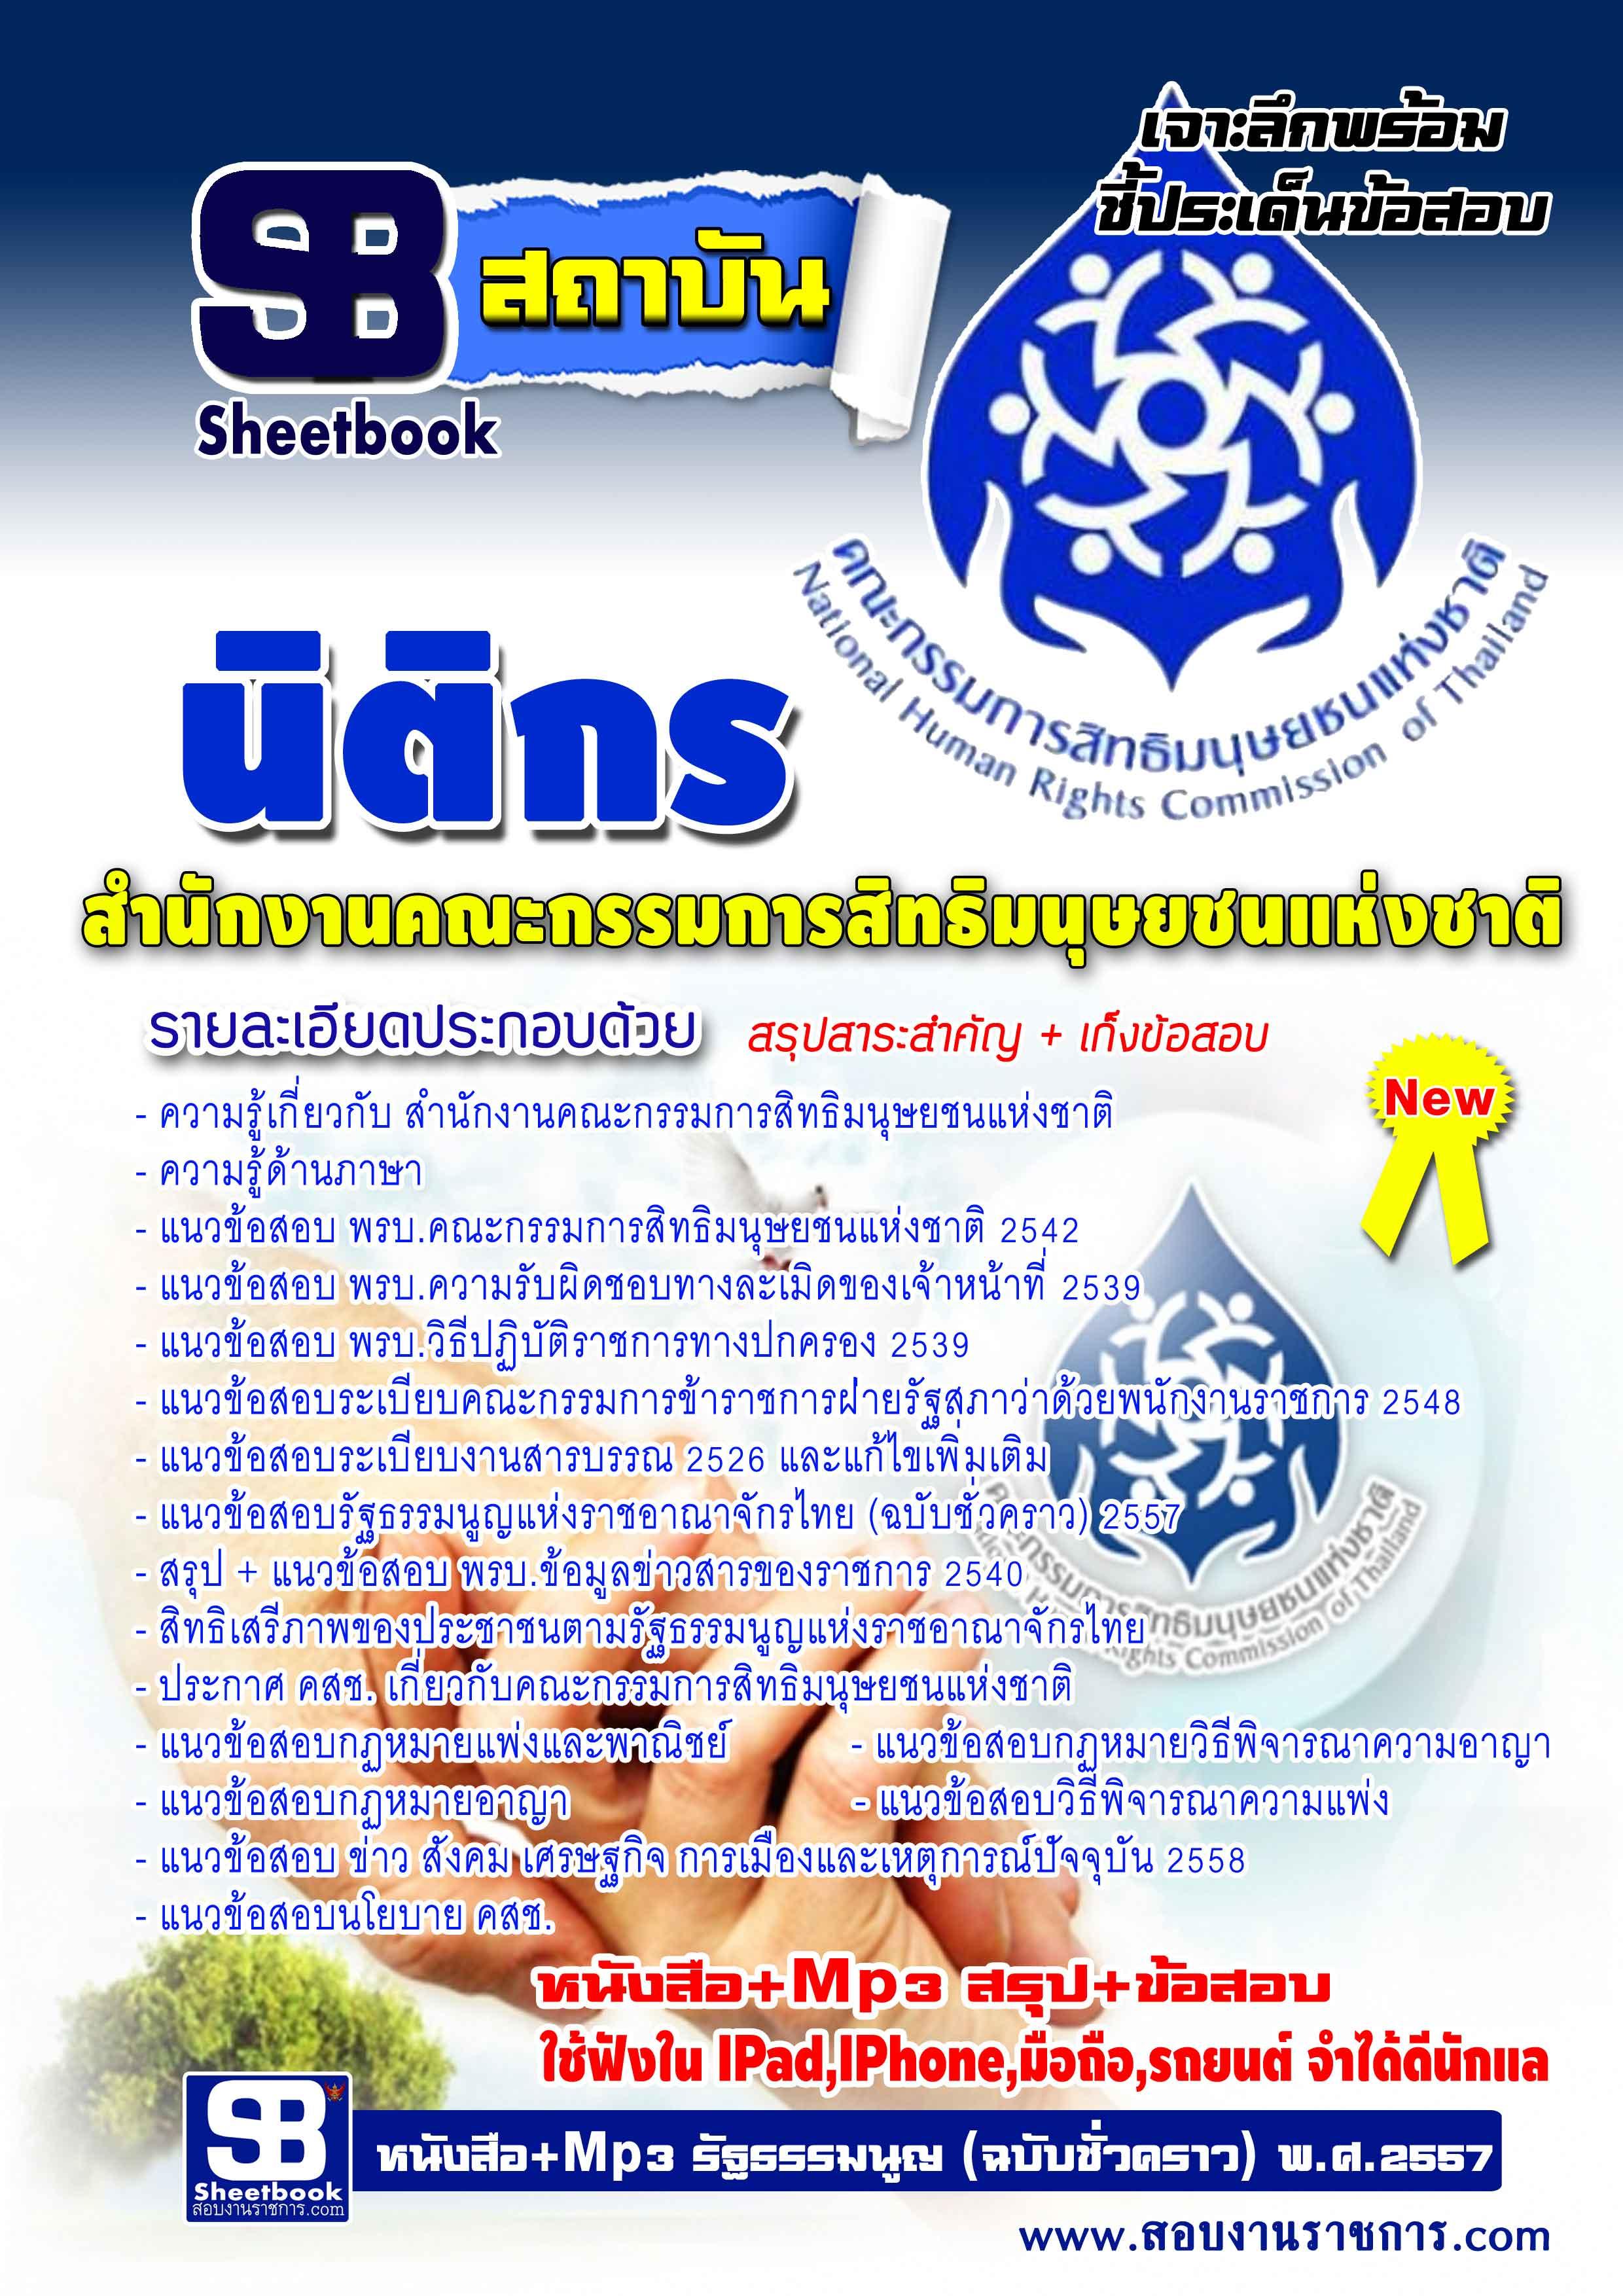 หนังสือ+Mp3 นิติกร สำนักงานคณะกรรมการสิทธิมนุษยชนแห่งชาติ